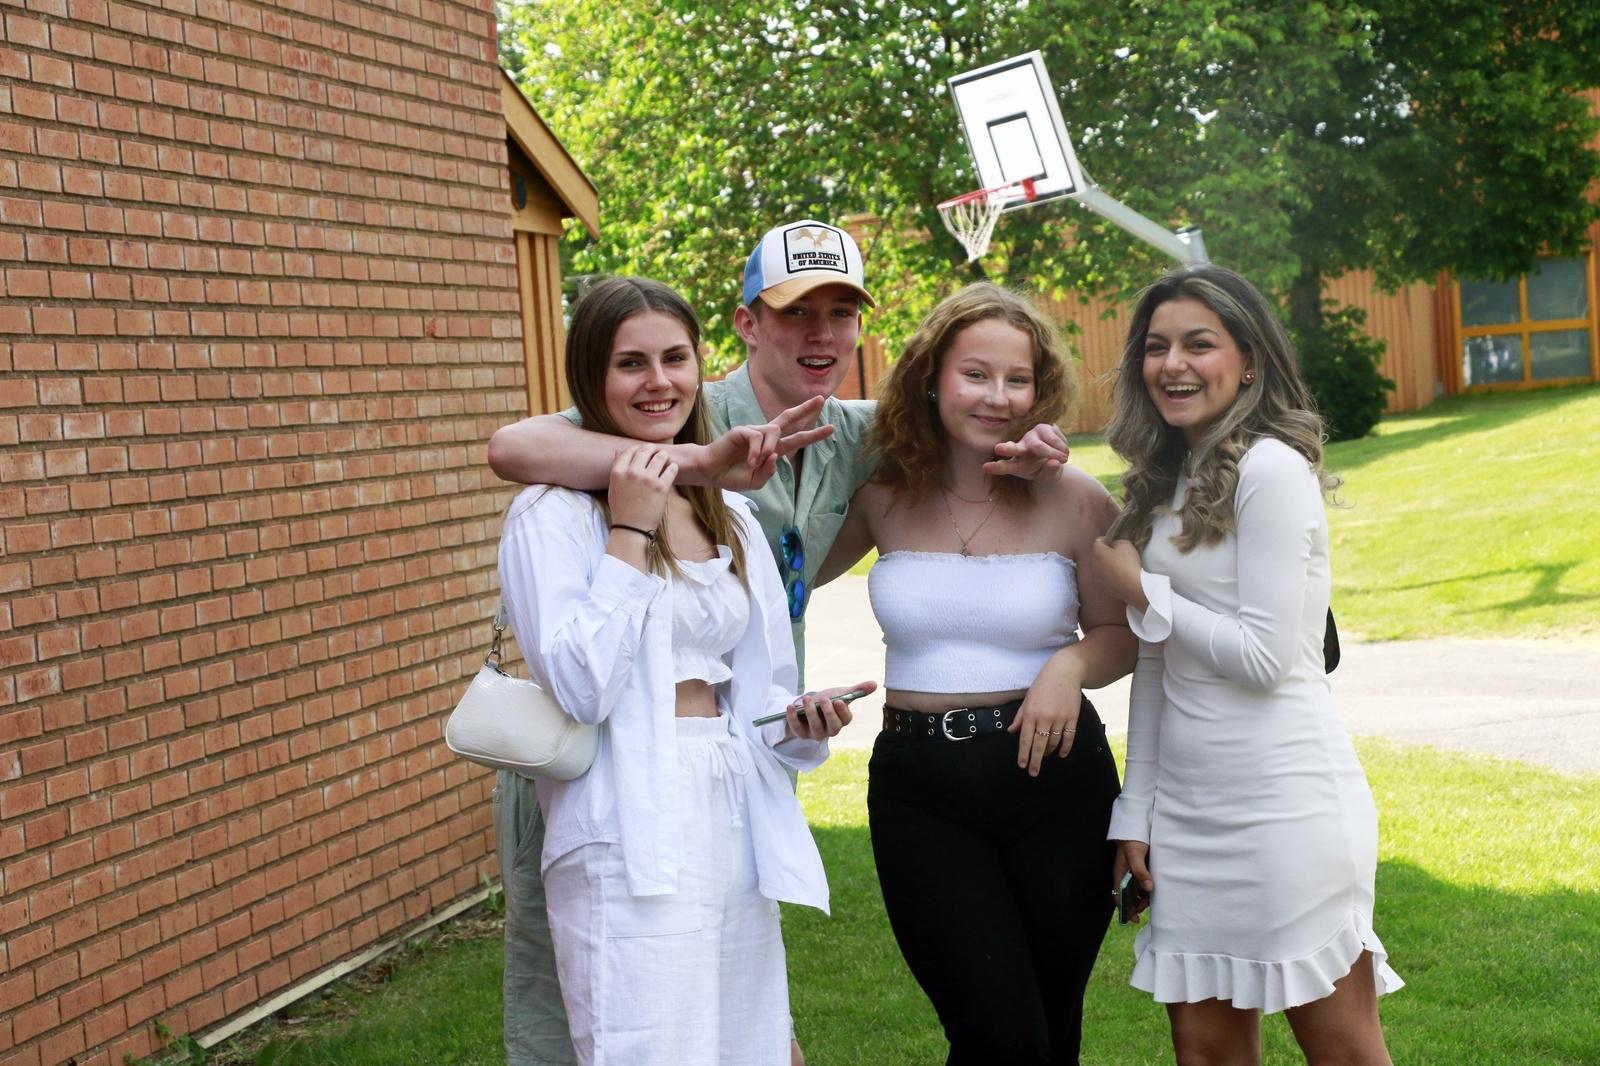 Selma Berglund, Anton Lundgren, Rebecca Pettersson och Lelas Ahmad i 8D såg fram emot det stundande sommarlovet.